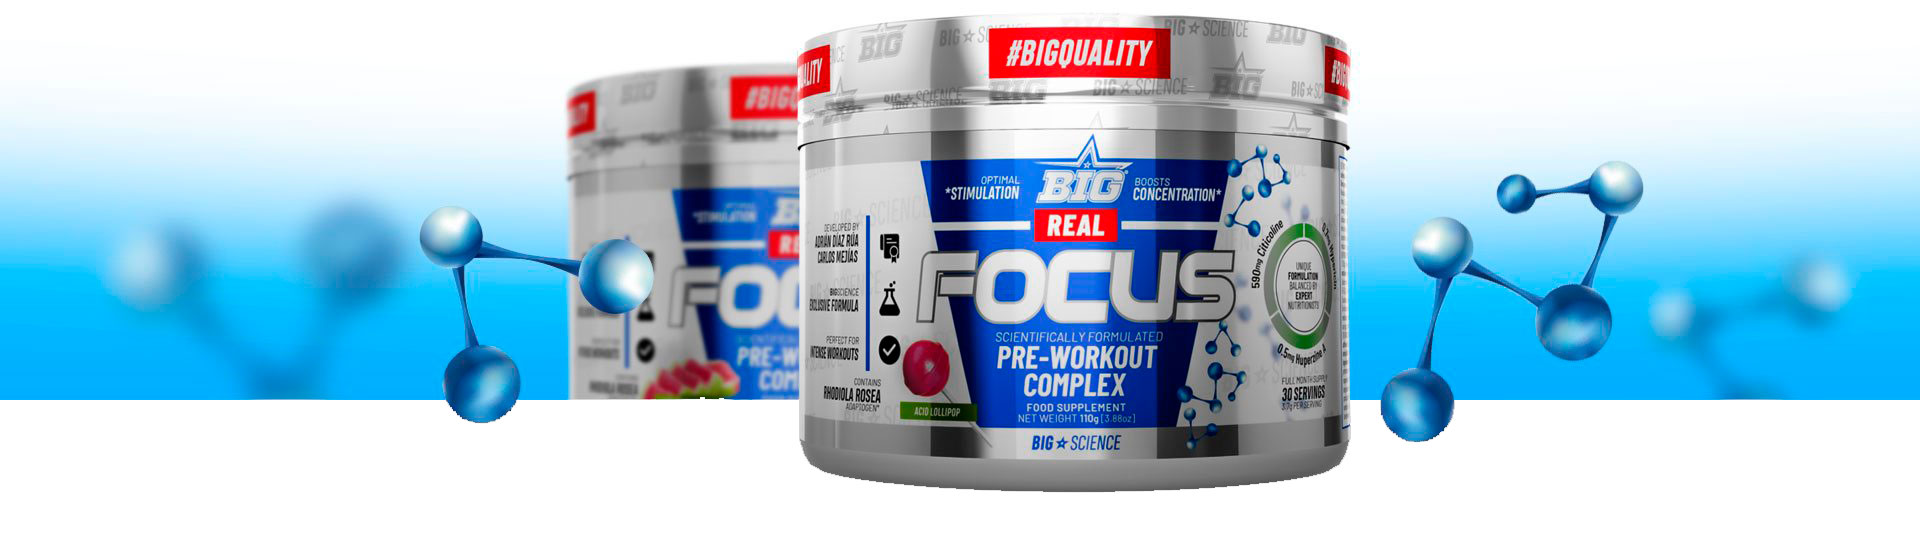 Big Focus fitnessmania